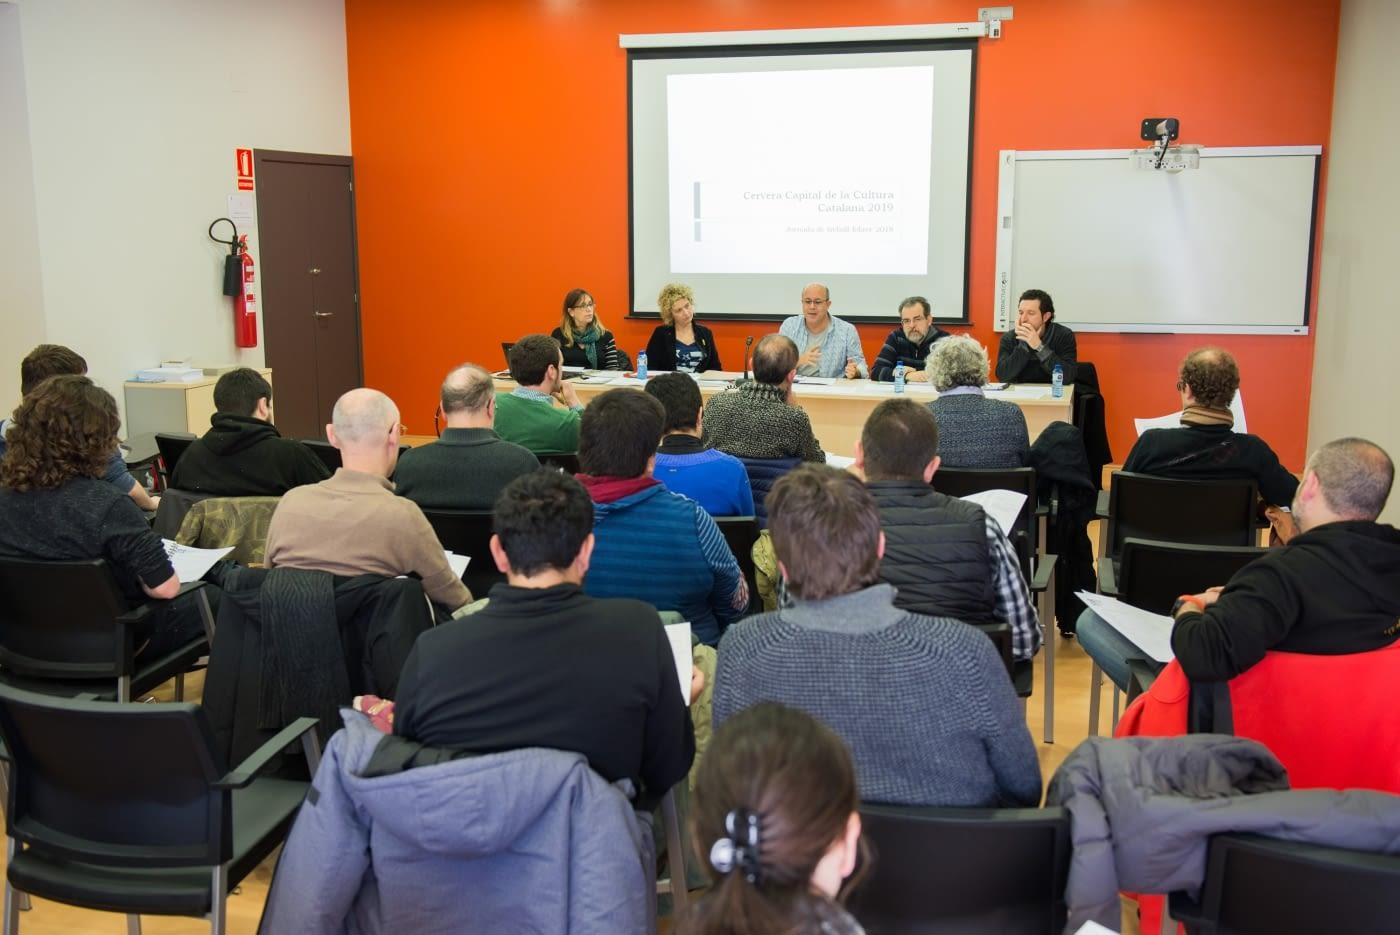 Les entitats de Cervera han presentat més de quaranta projectes per la Capitalitat Cultural de Cervera